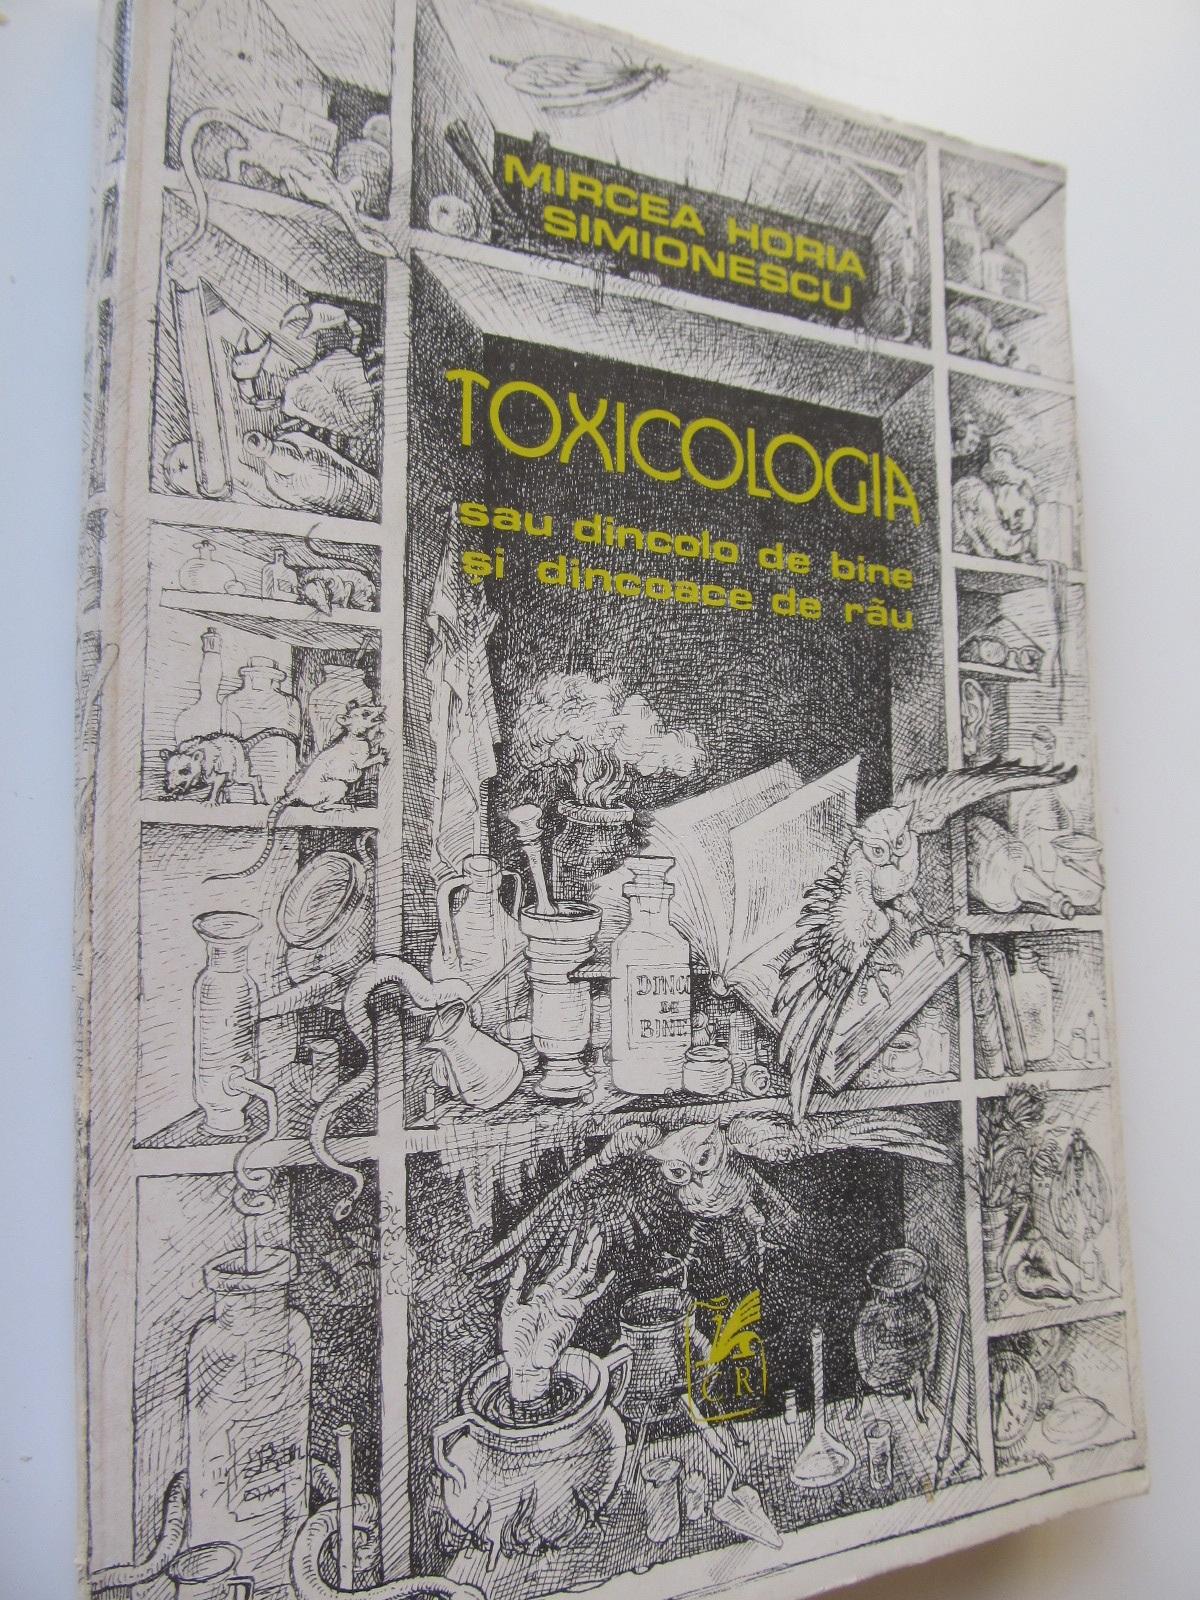 Toxicologia sau dincolo de bine si dincolo de rau - Mircea Horia Simionescu | Detalii carte